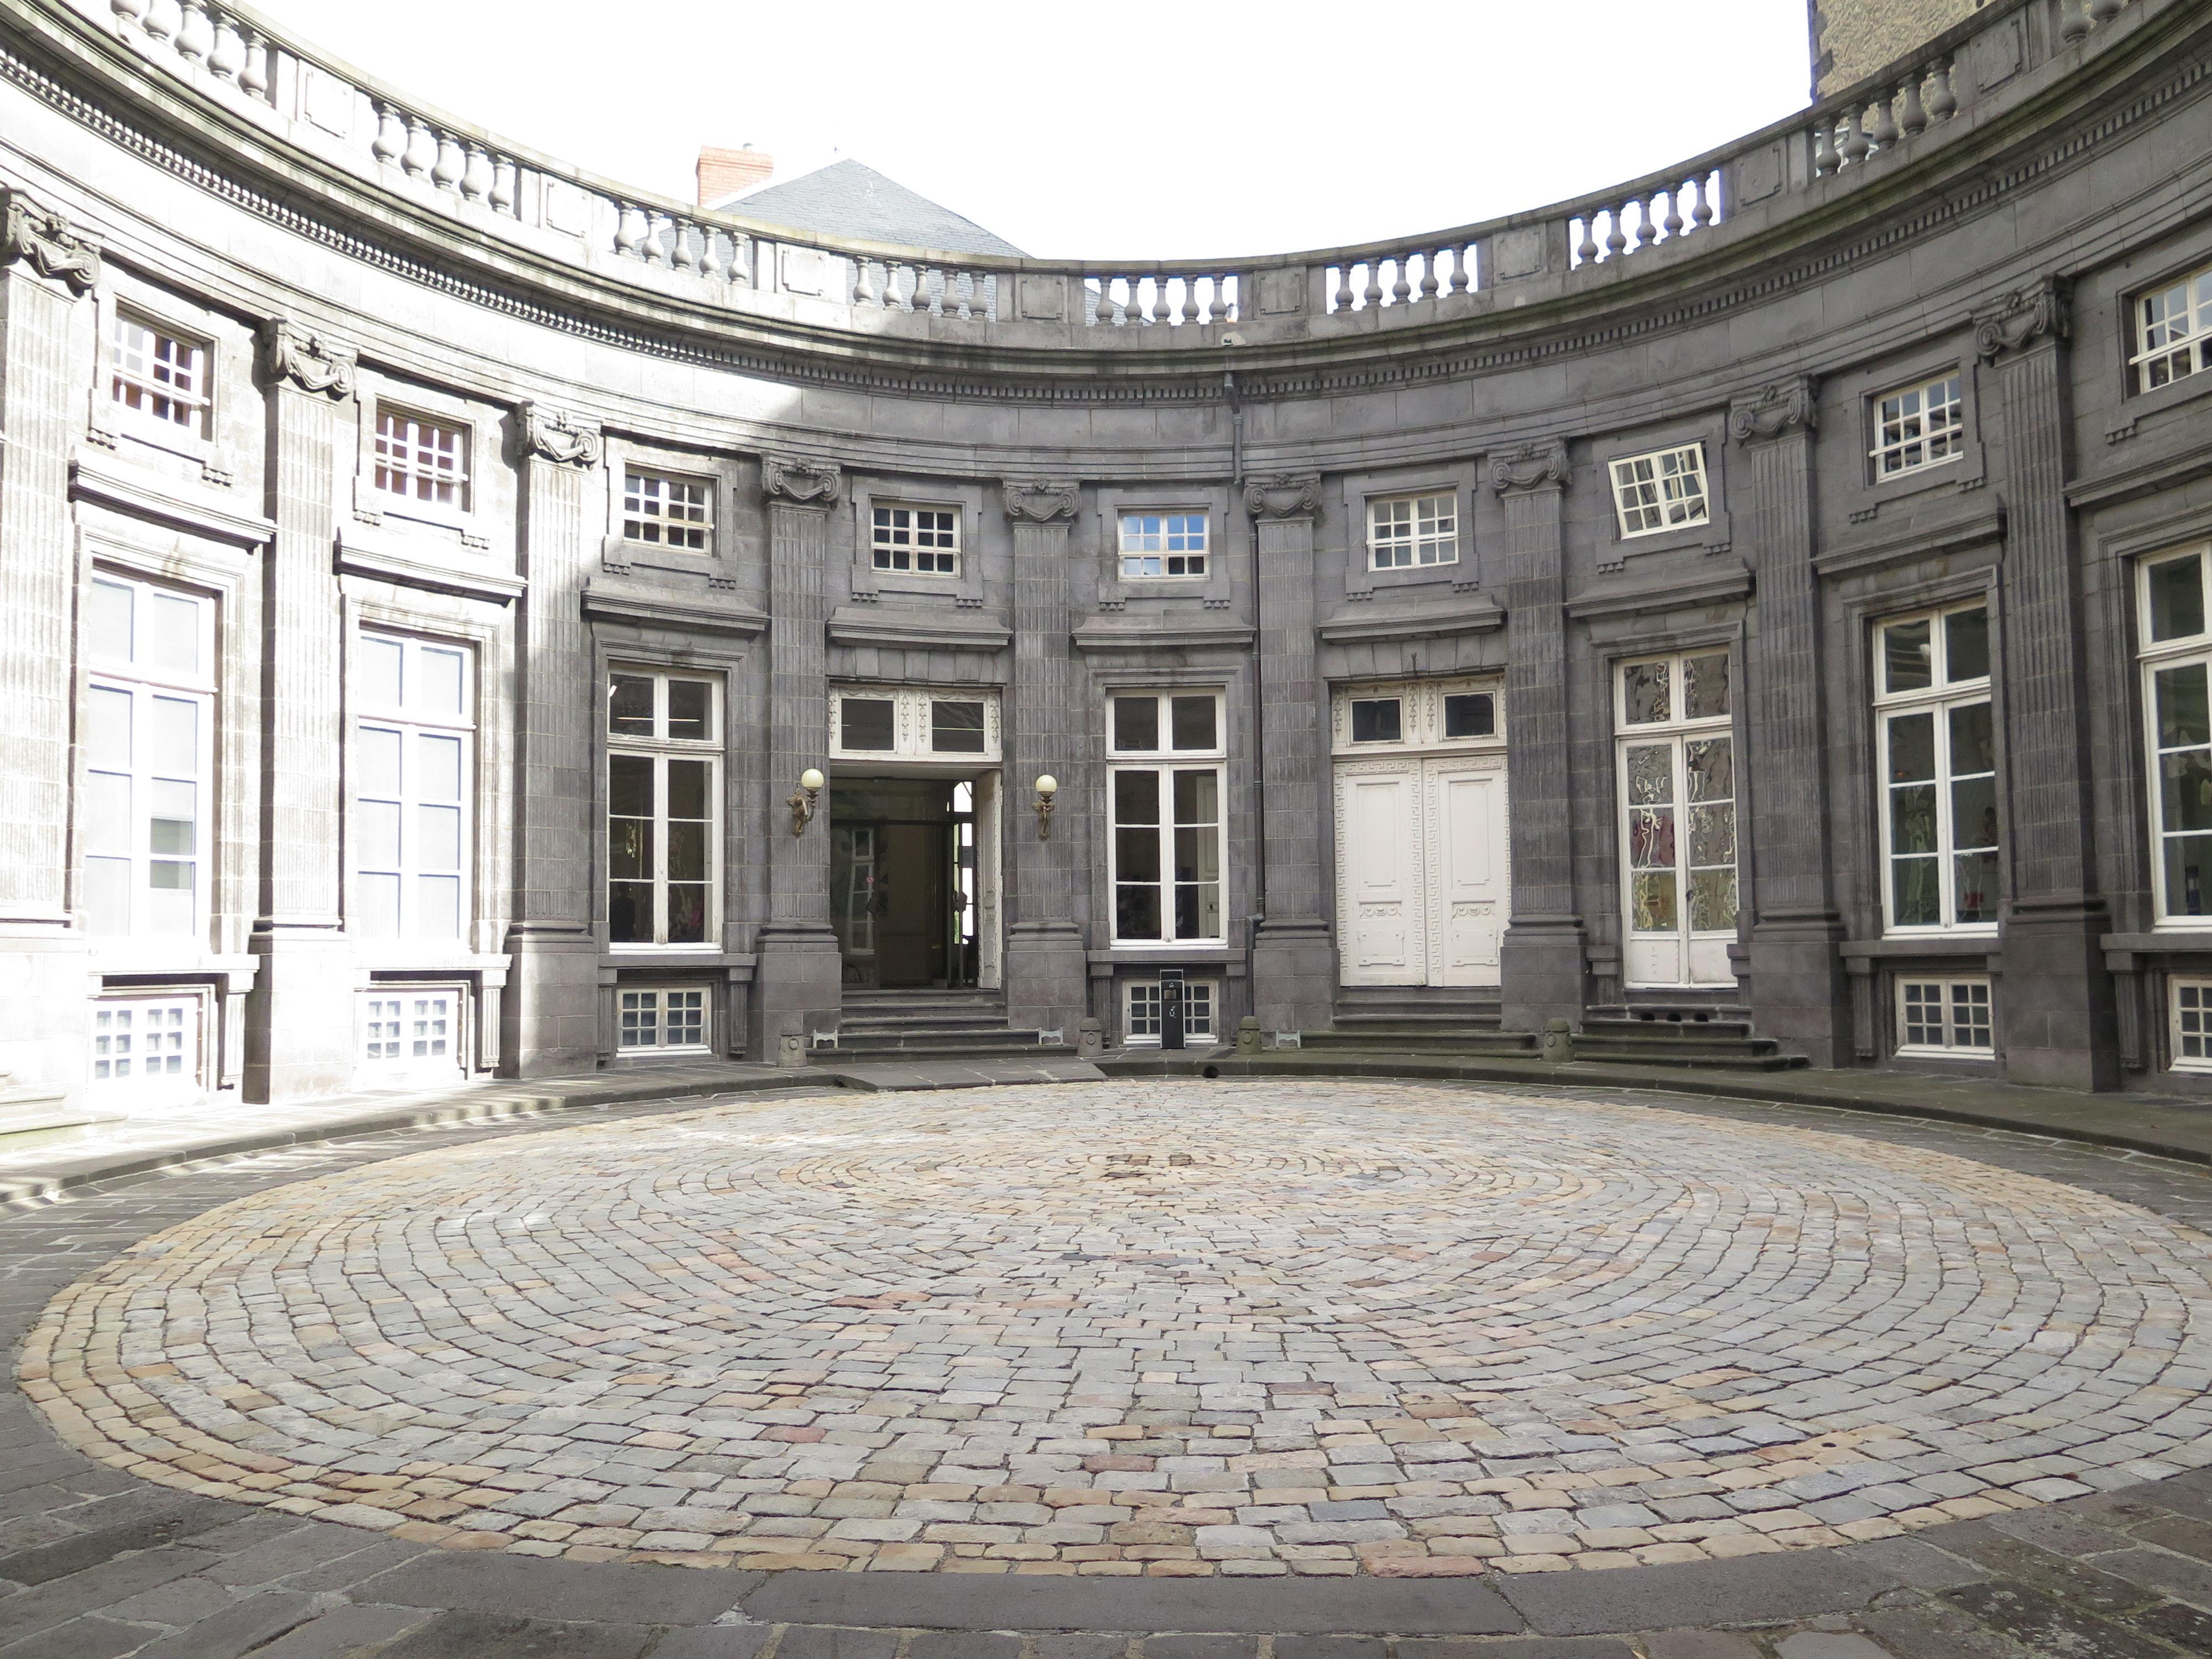 5 chambres en ville clermont ferrand book your hotel - 5 chambres en ville clermont ferrand ...